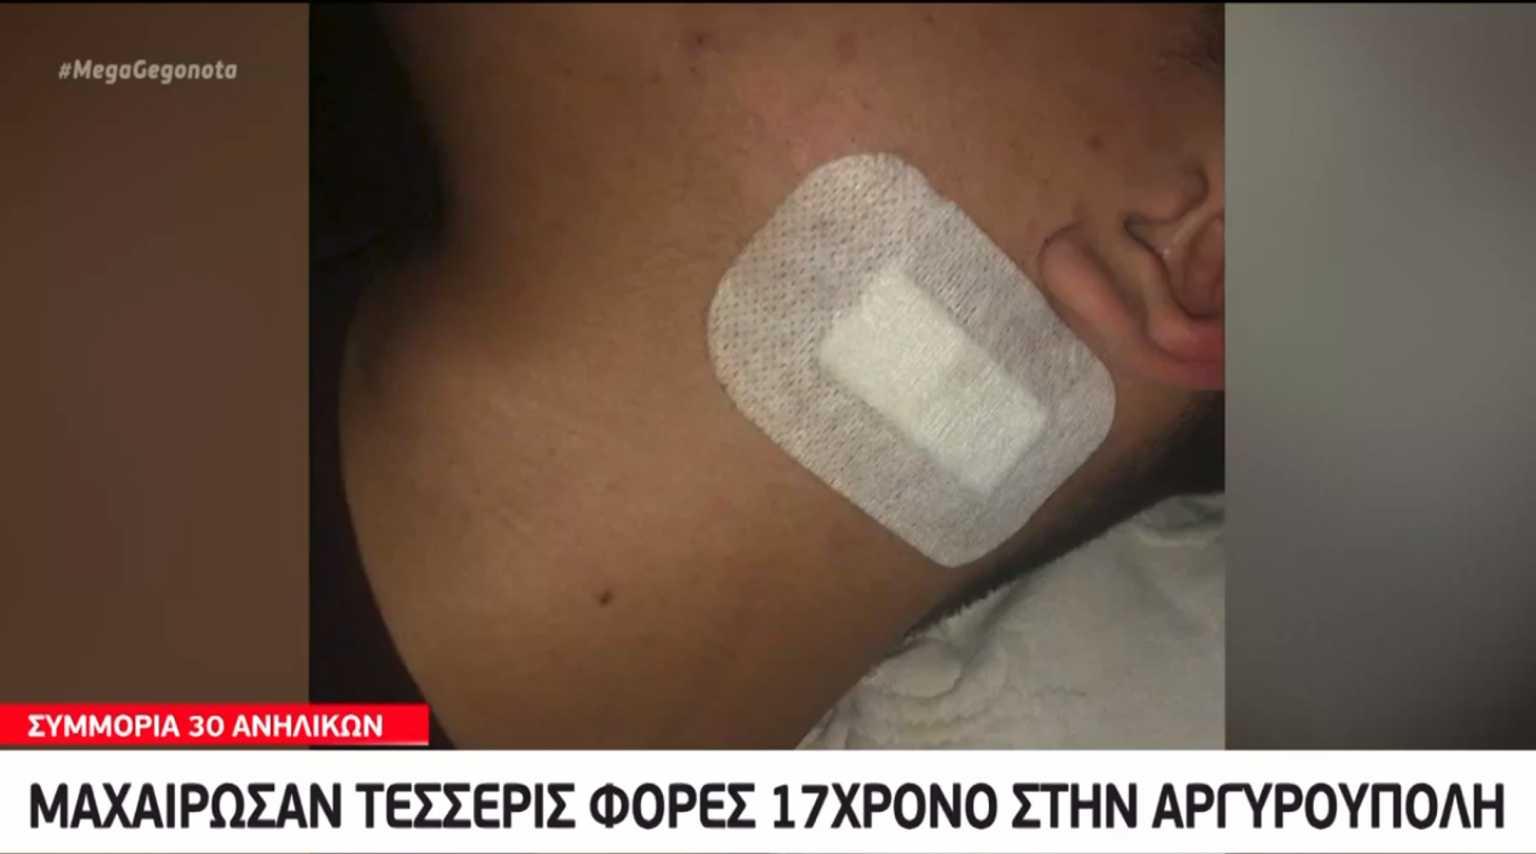 Ανήλικοι «μαχαιροβγάλτες» στην Αργυρούπολη: Για λίγα χιλιοστά η λεπίδα δεν βρήκε την καρωτίδα 17χρονου